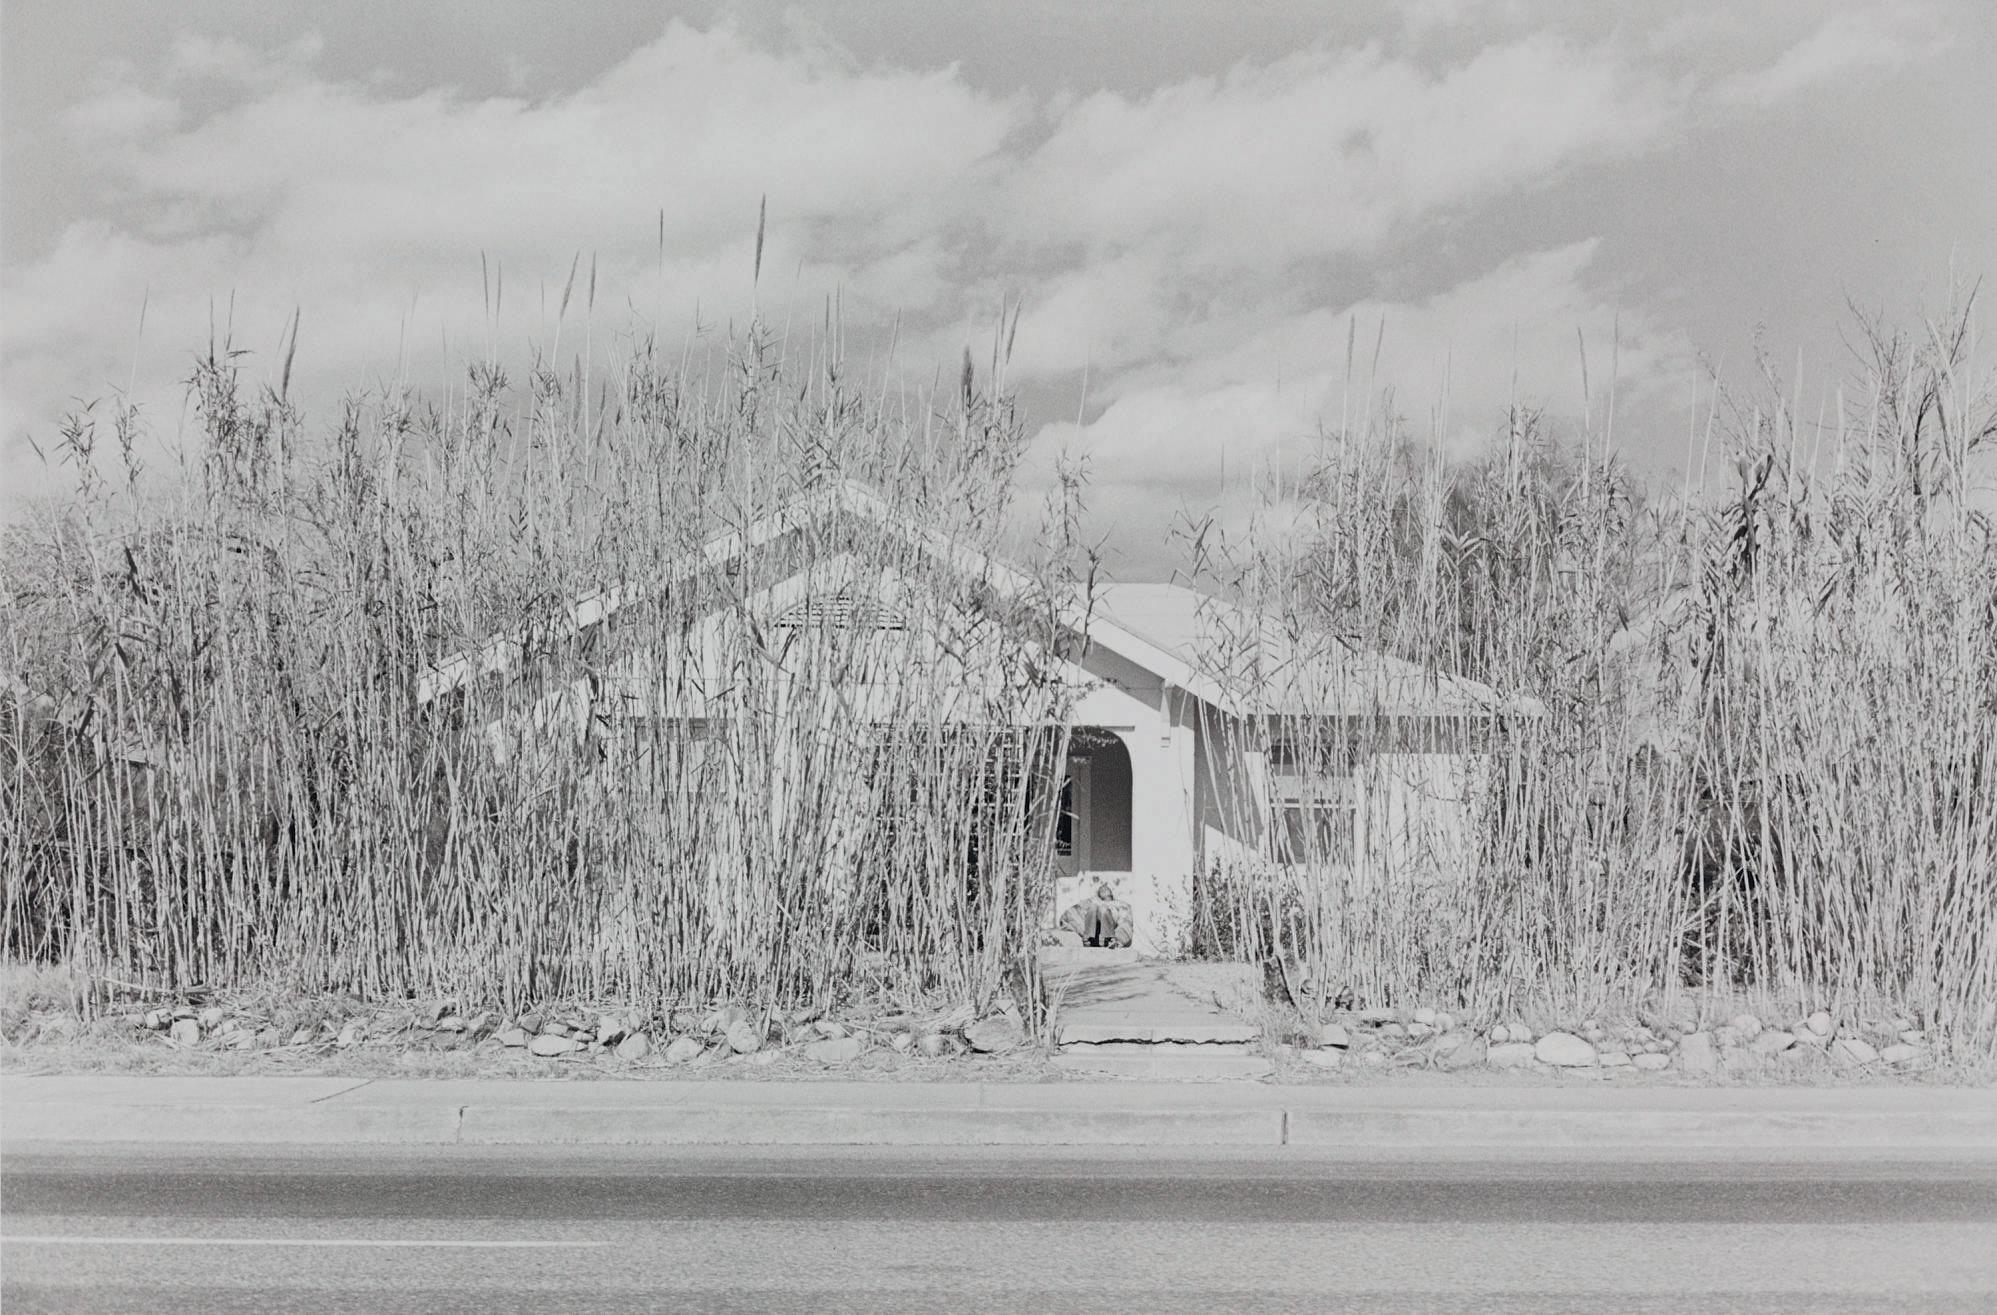 Tucson, Arizona, 1974